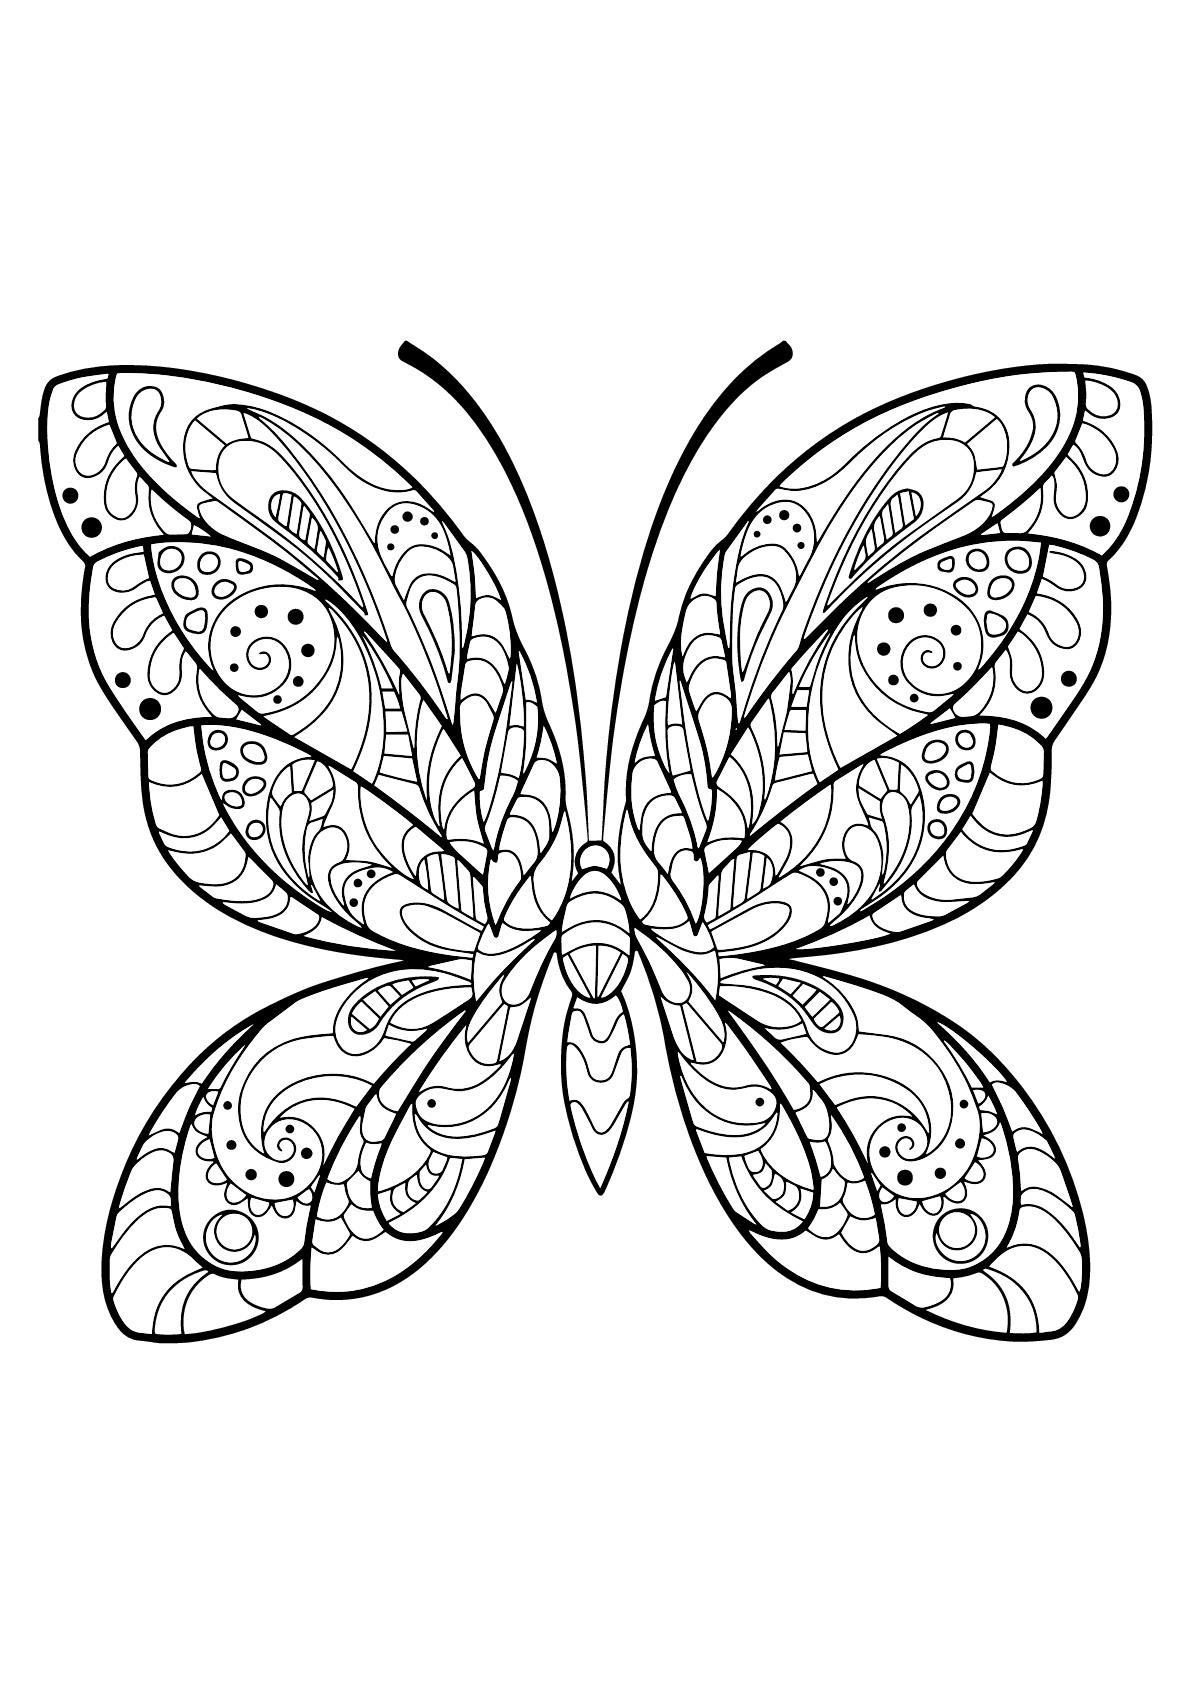 Colorear para adultos  : Insectos - 15